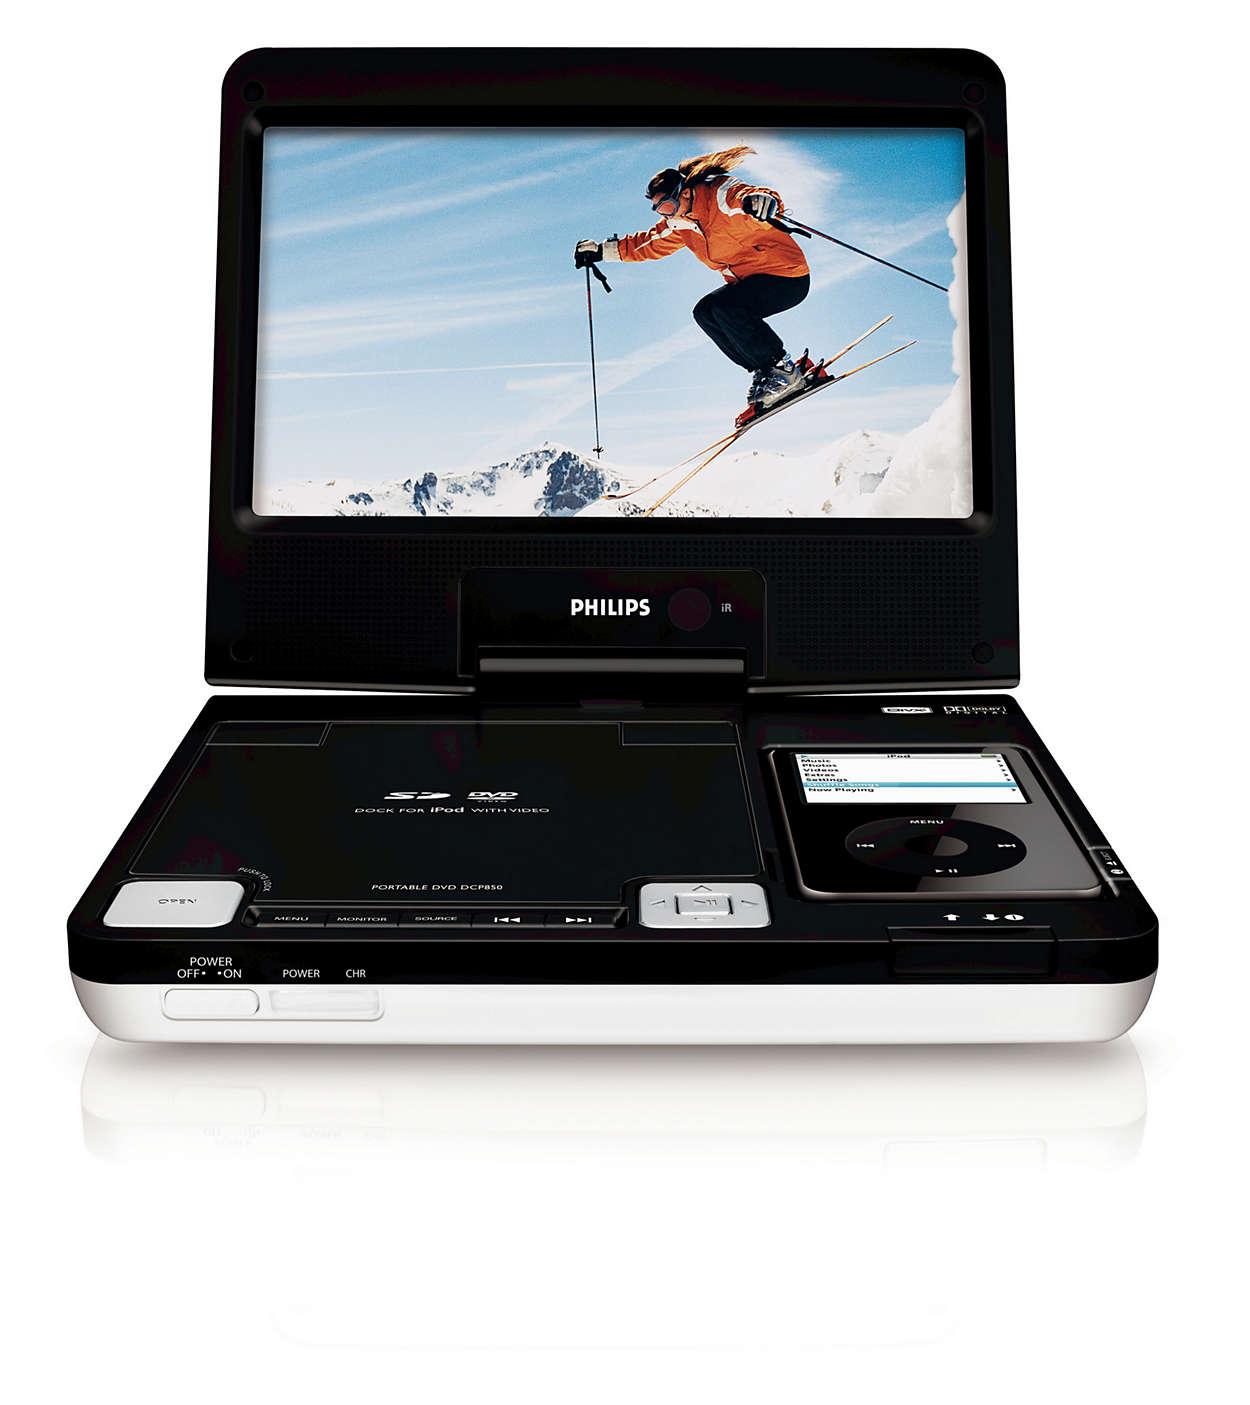 Guarda i tuoi video da iPod, DVD e scheda SD